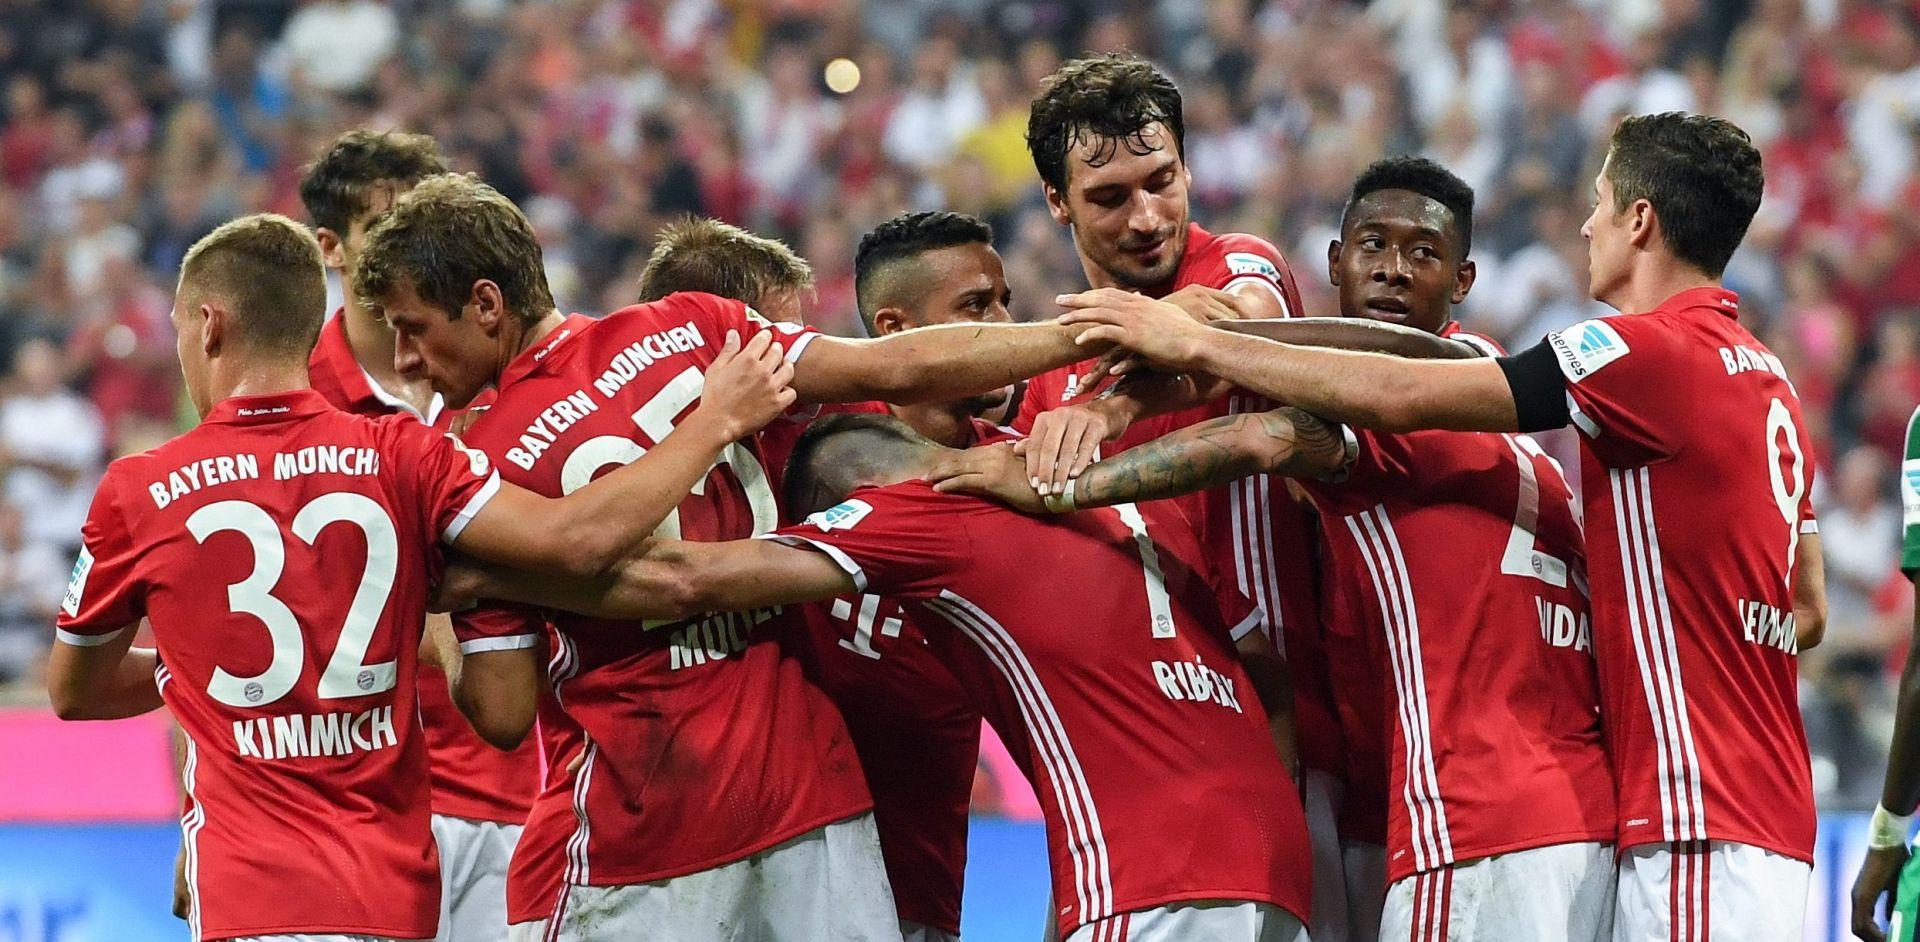 URAGANSKI POČETAK BAYERNA Lewandowski postigao hat-trick u 'razbijanju' Werdera